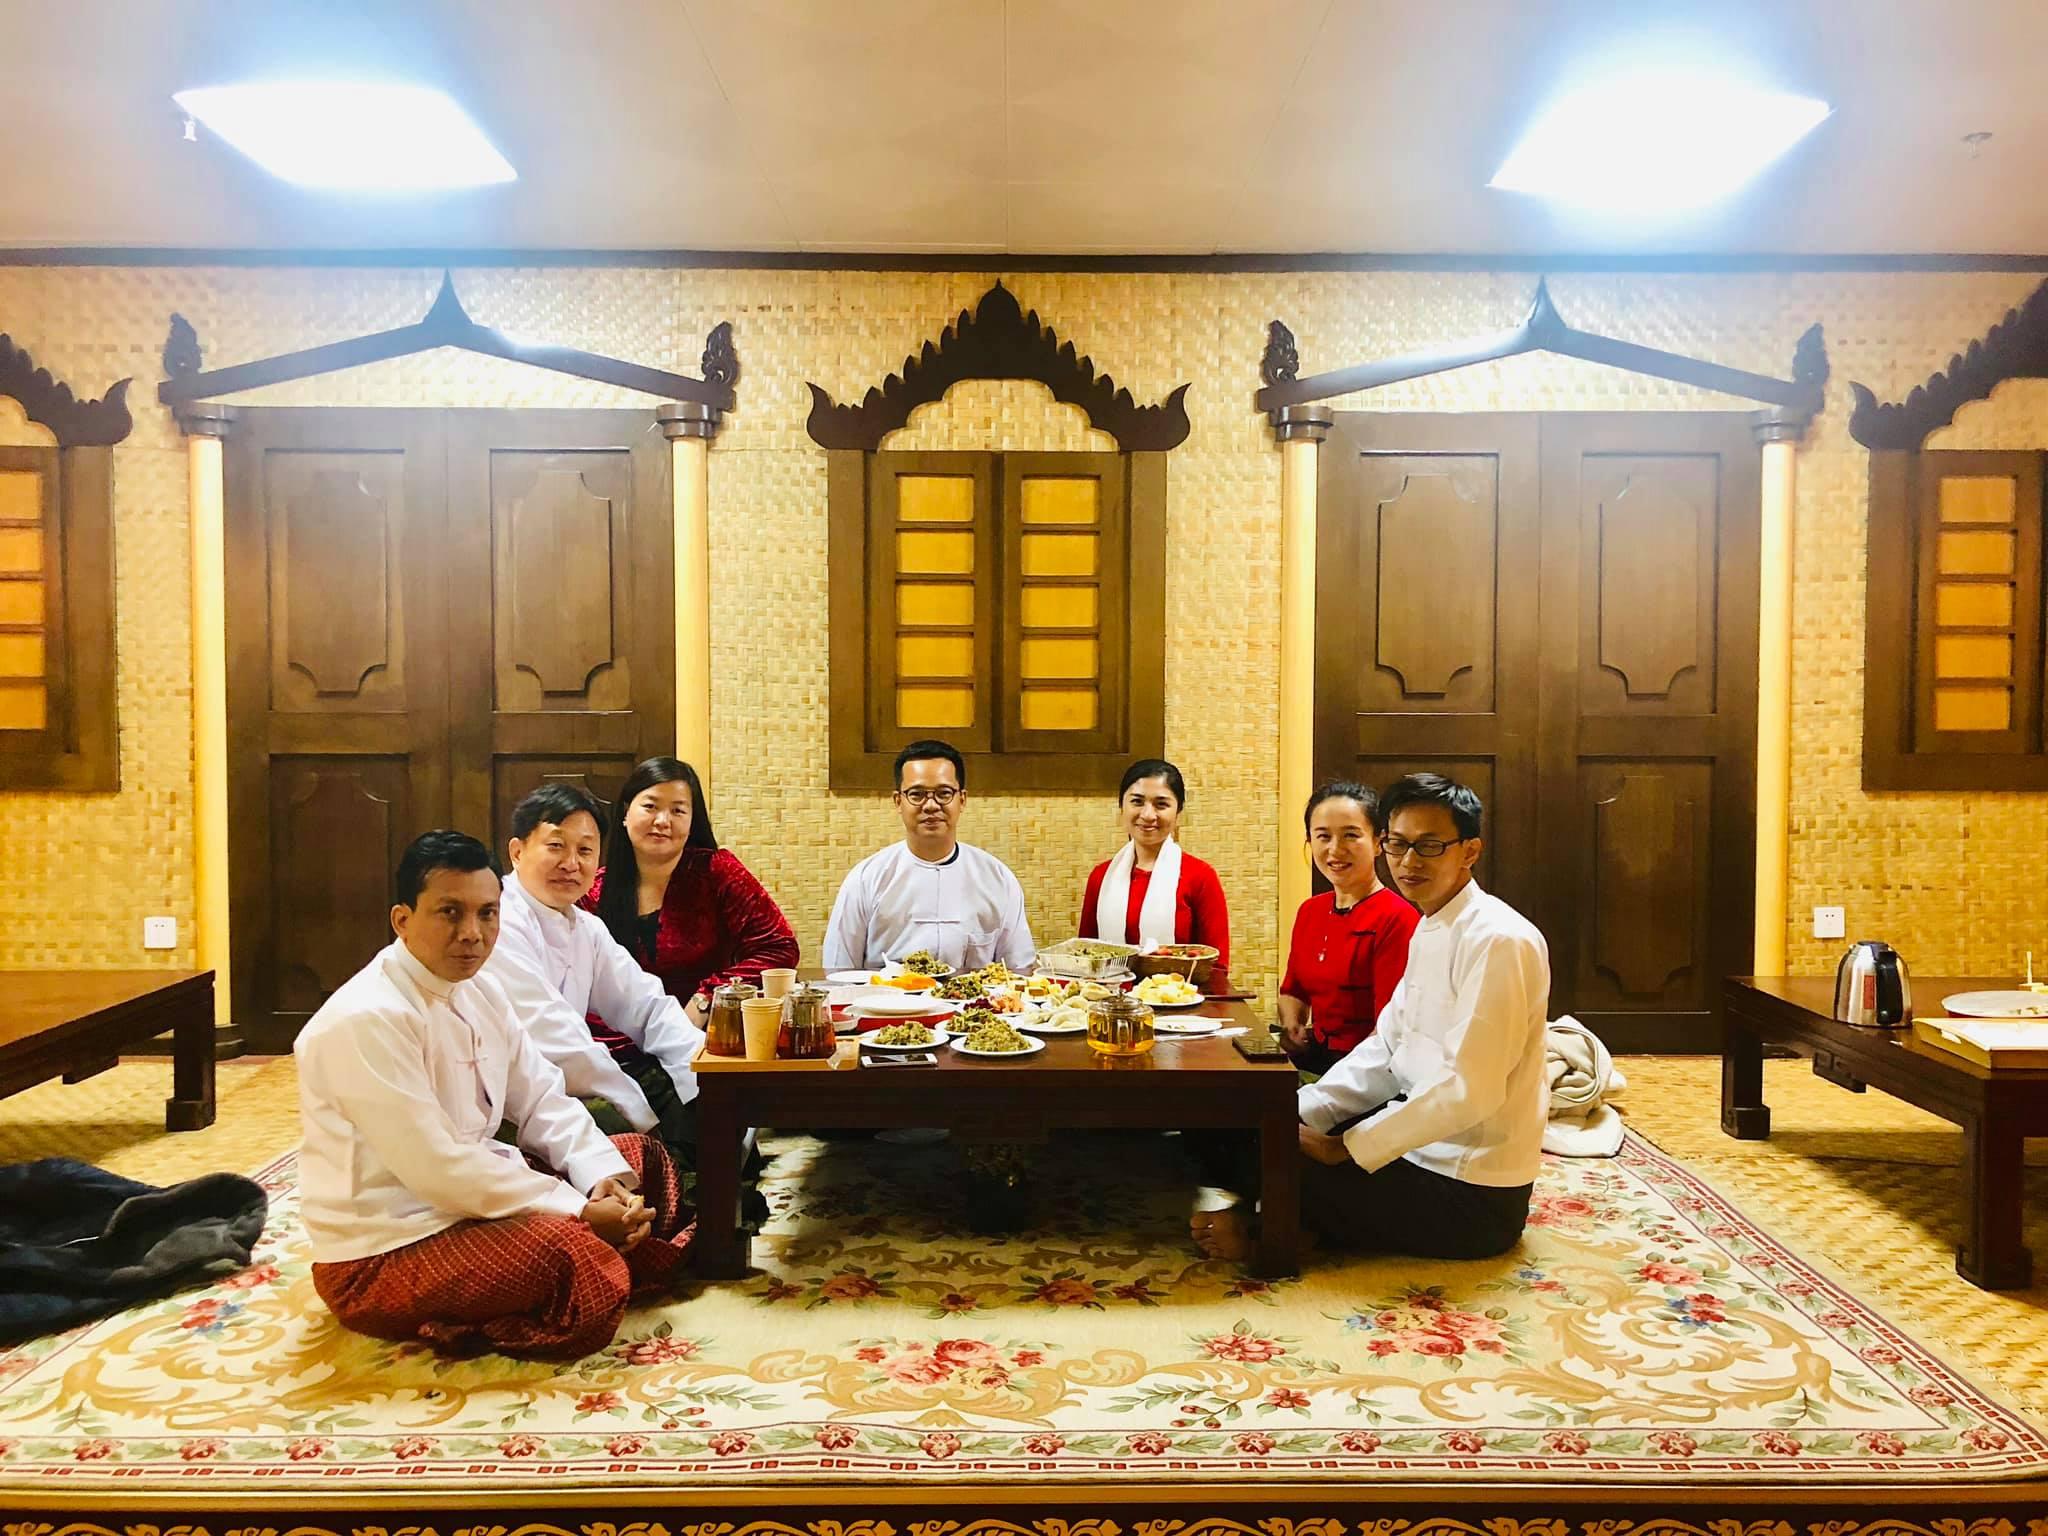 မြန်မာ့လက်ဖက်ဆိုင် တရုတ်နိုင်ငံတွင် ပထမဆုံး စဖွင့်